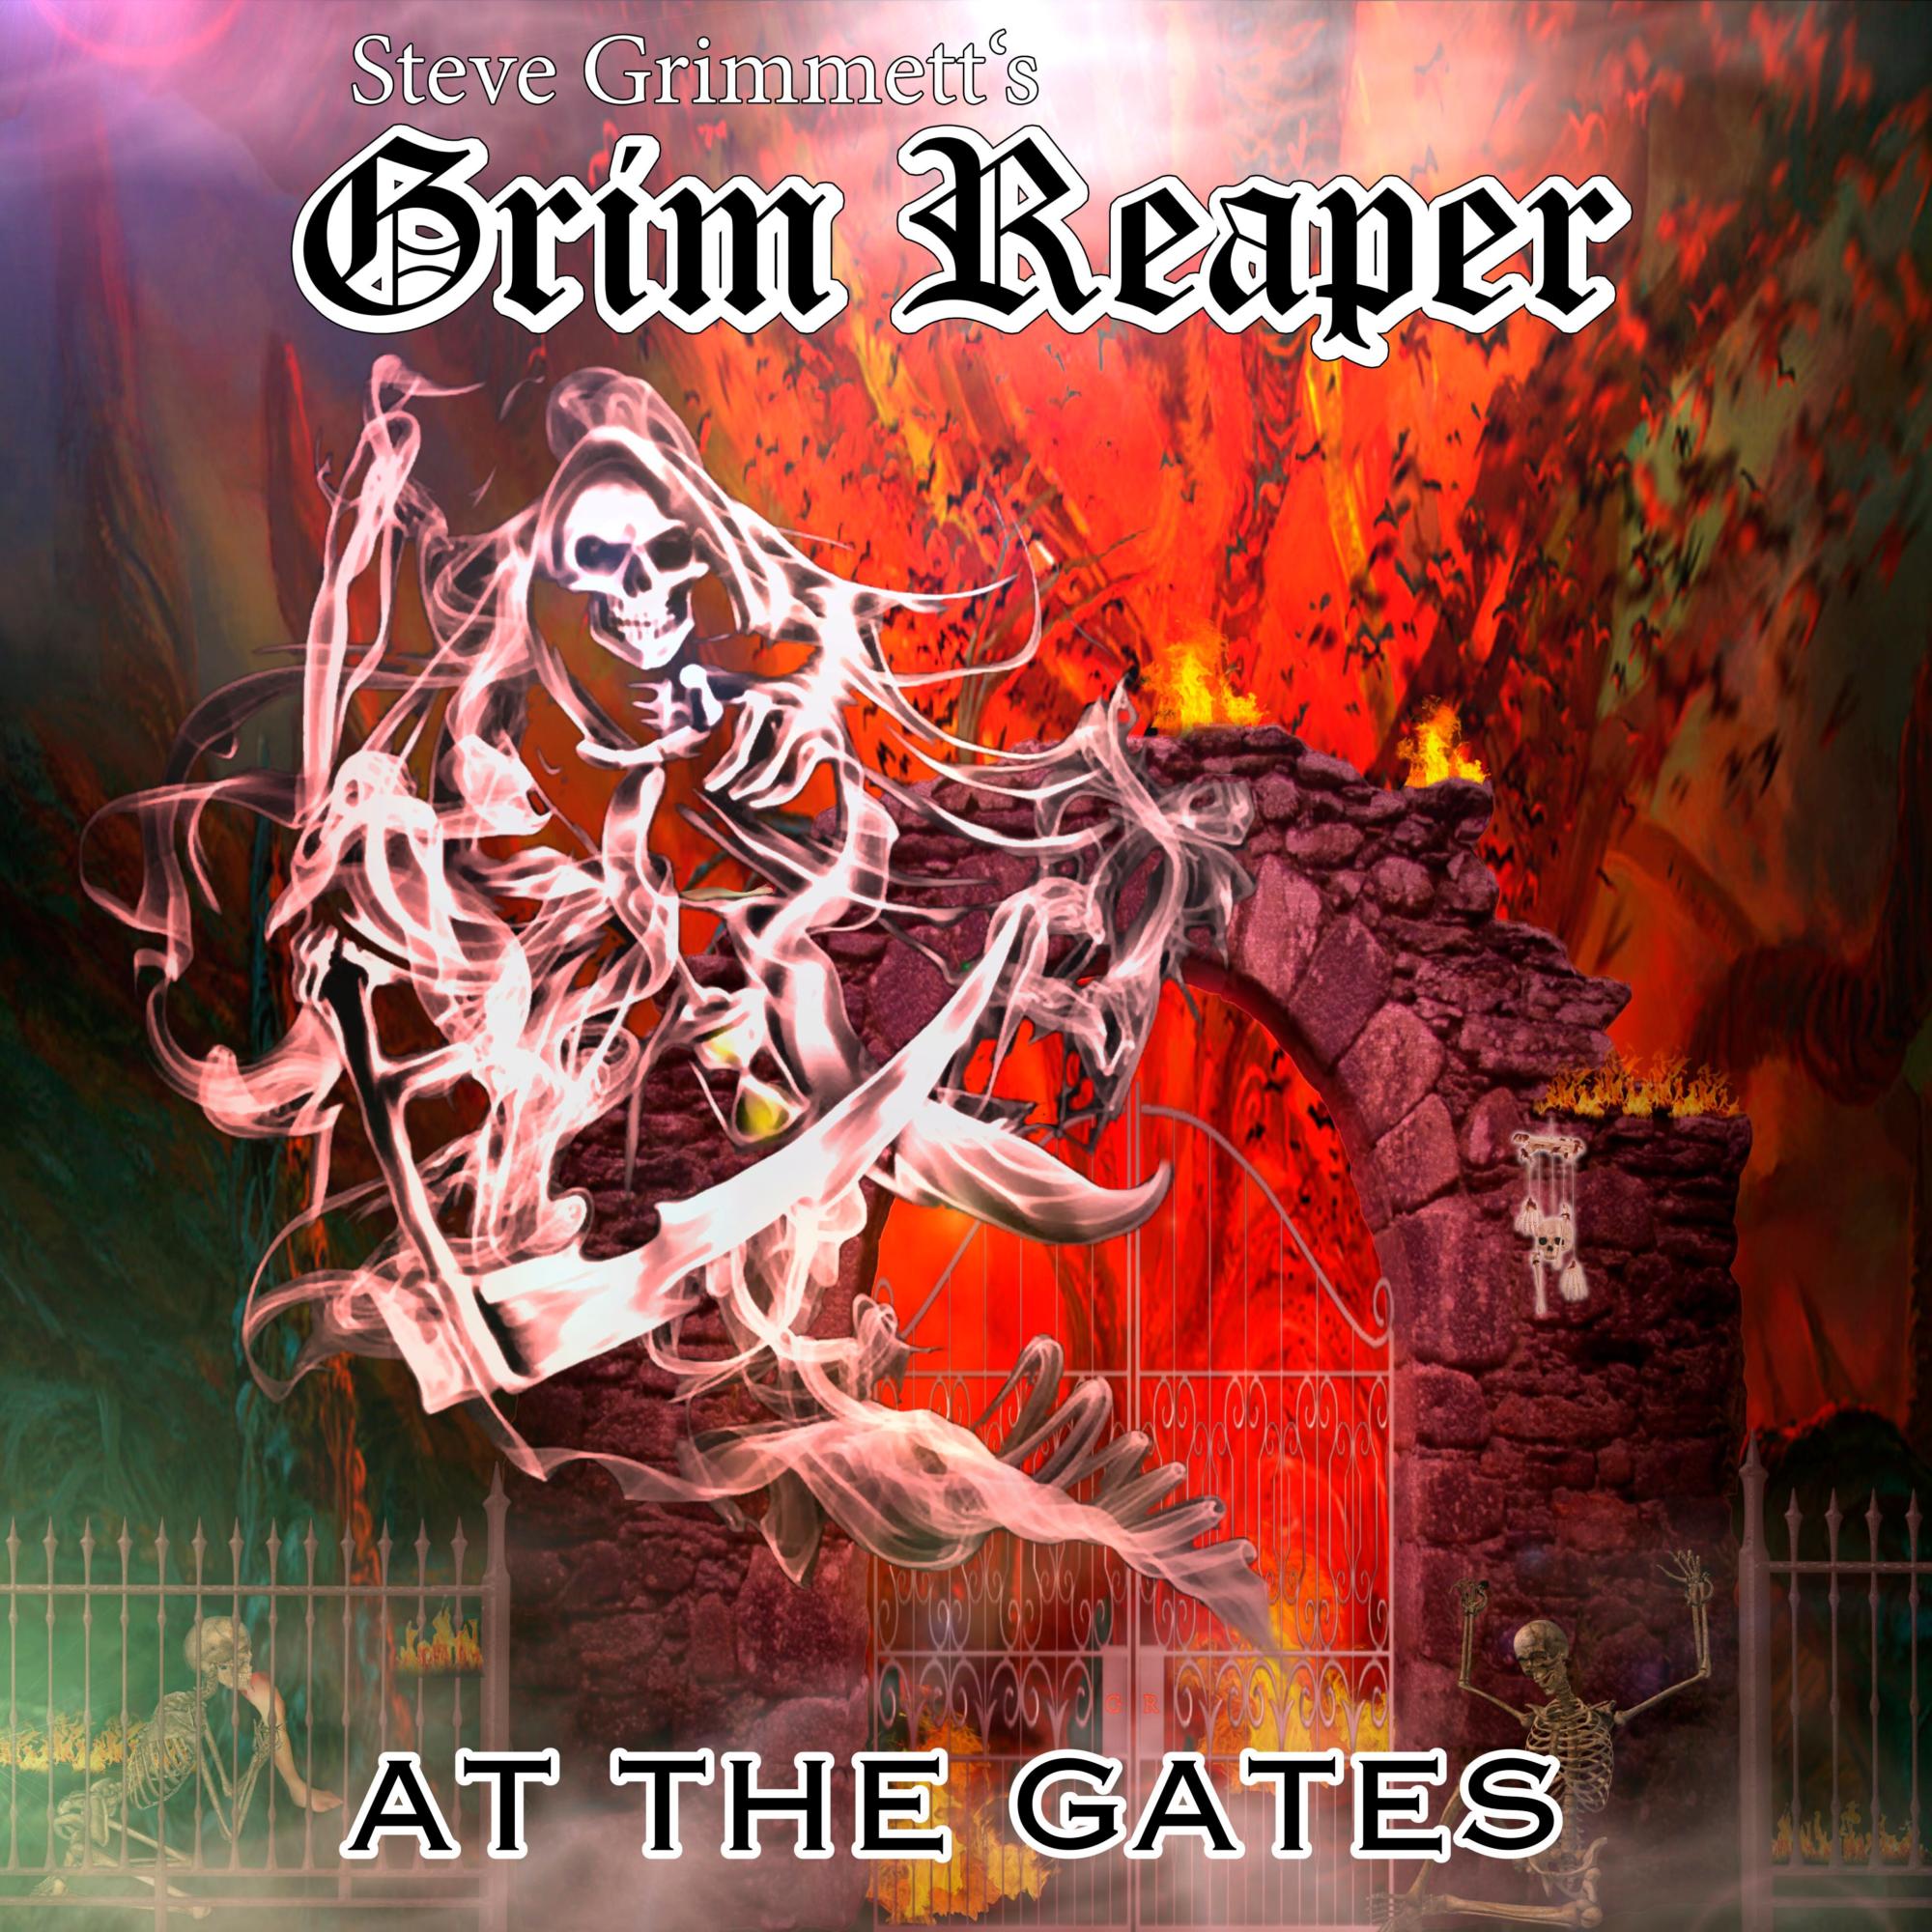 Grim Reaper Album & Tour Announcement